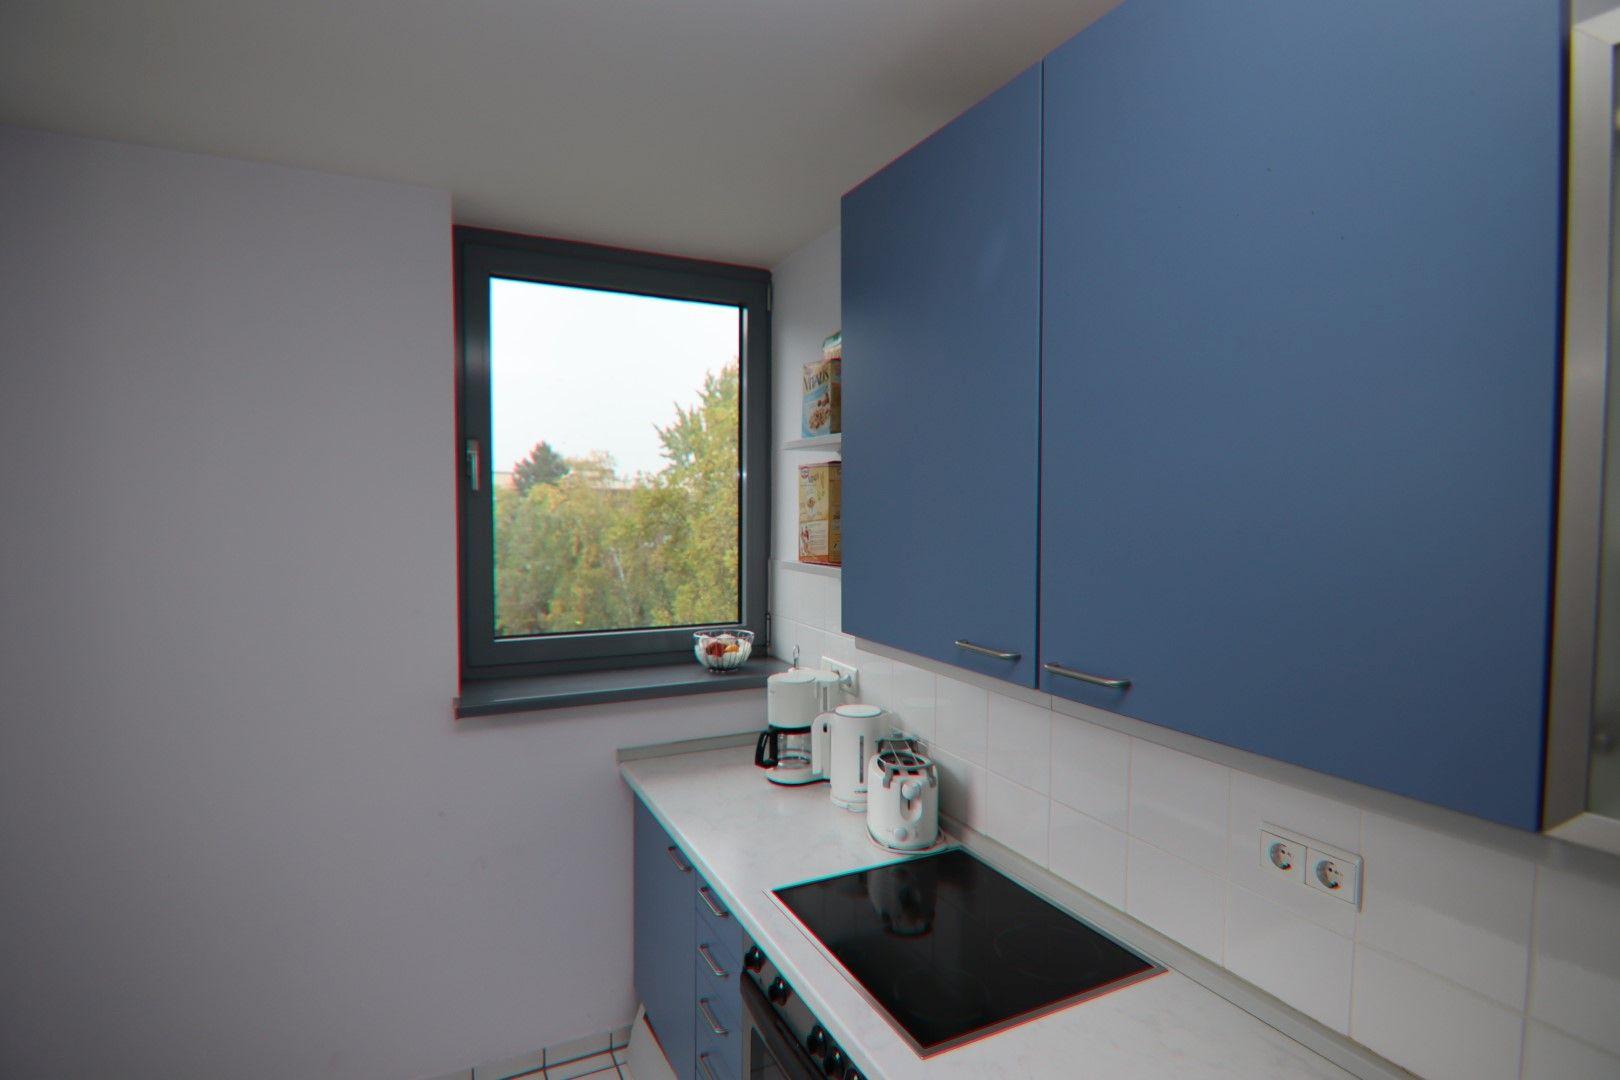 Immobilie Nr.0280 - 2-RAUM-WOHNUNG mit Wintergarten, Stellplatz und Einbauküche  - Bild 8.jpg